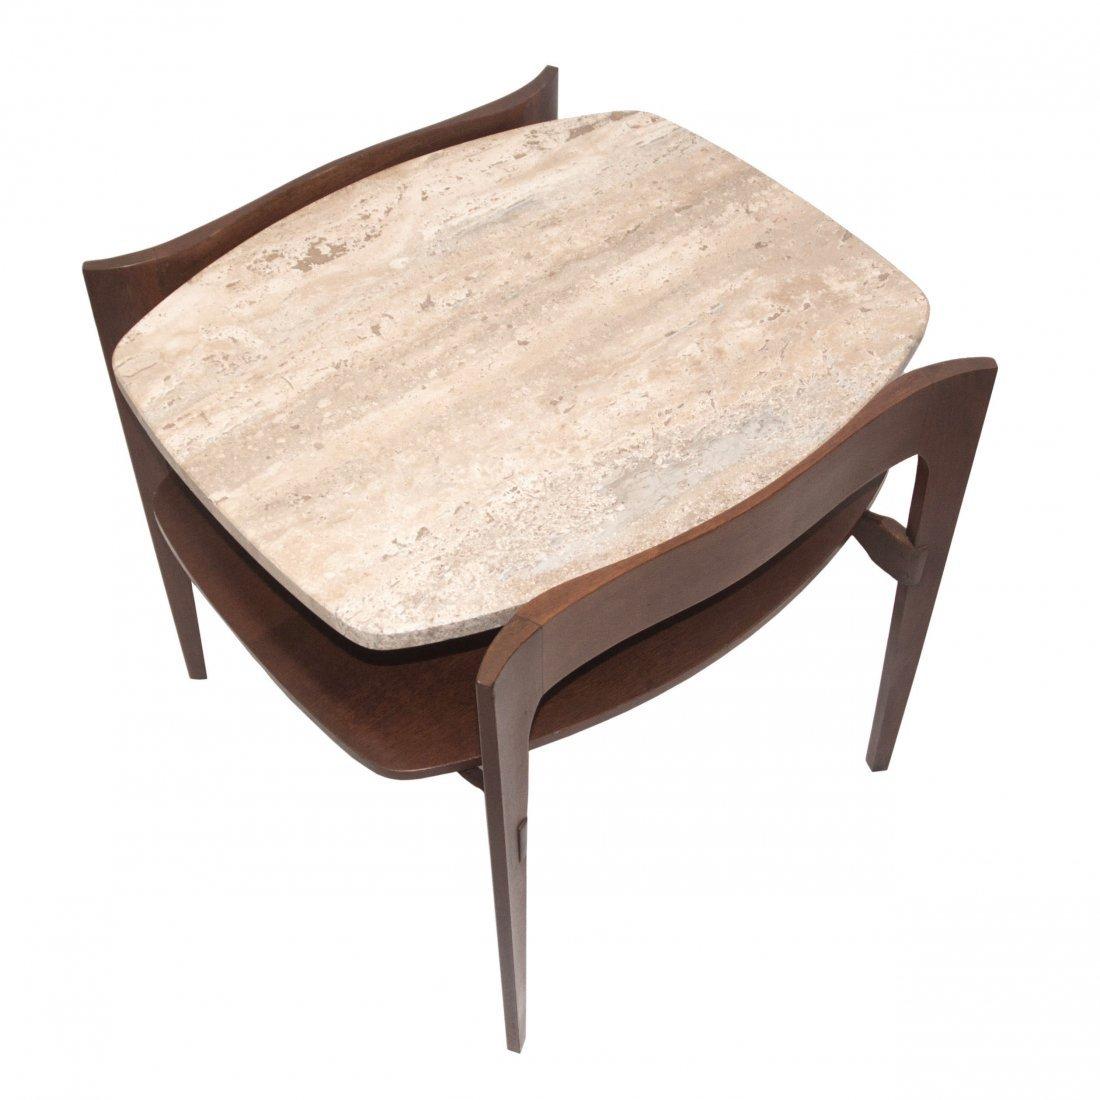 MCM Italian Bertha Schaefer Modern Side Table 1950 - 5